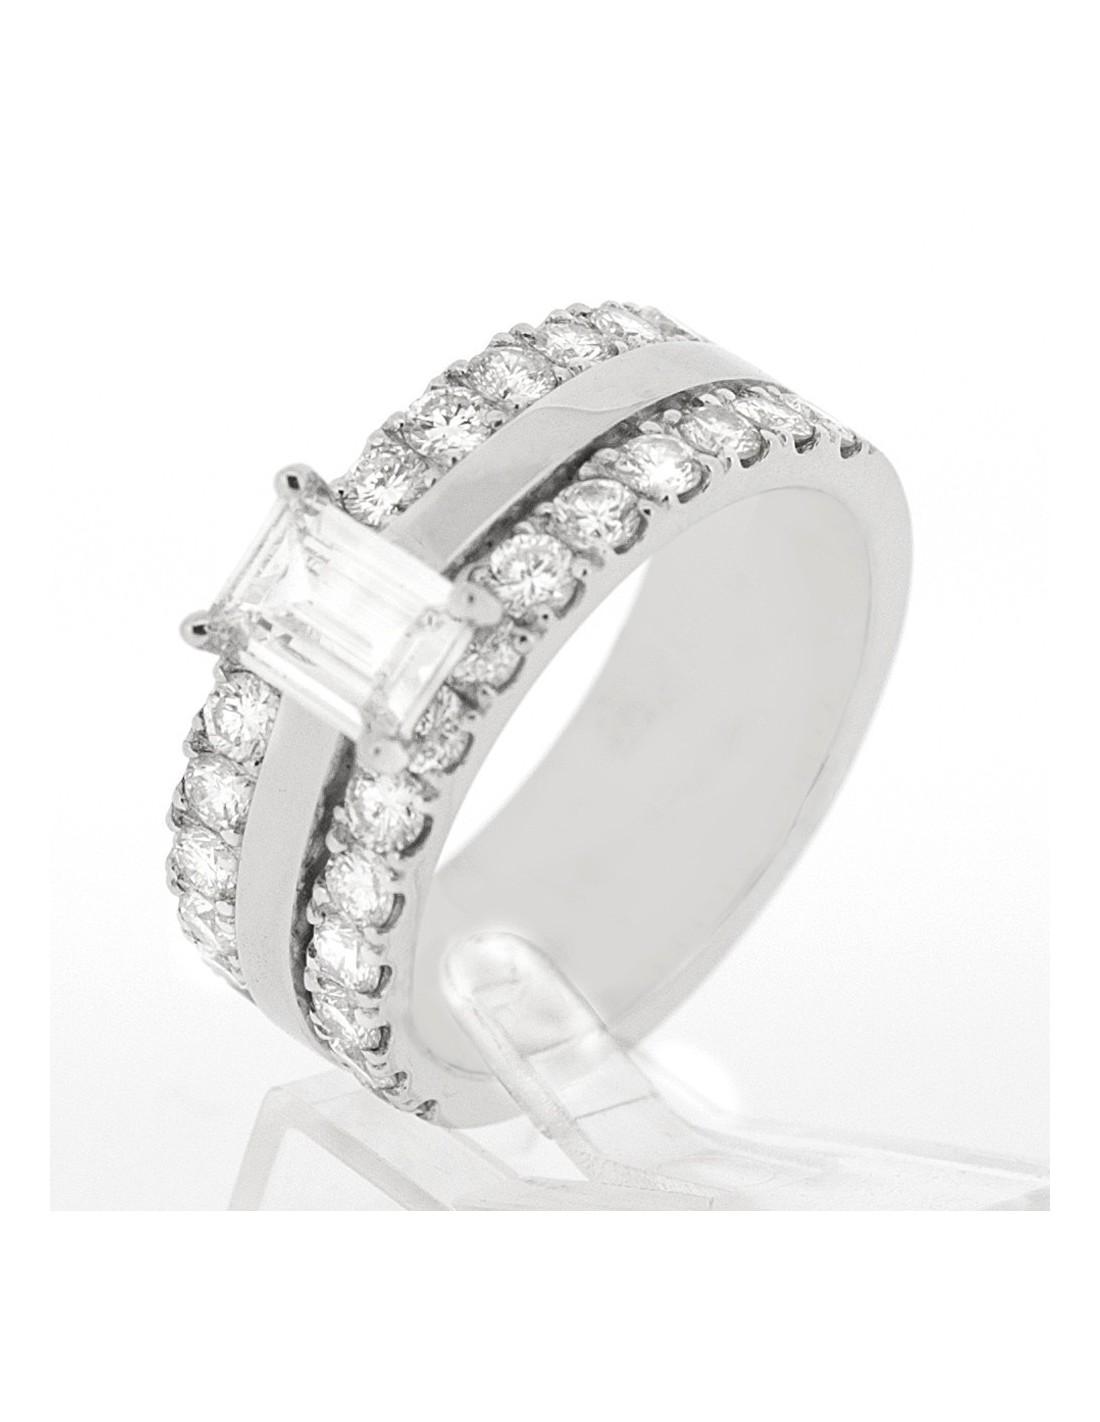 Très Bague moderne 3 anneaux dont 2 pavés, le tout orné d'un diamant de  CO17